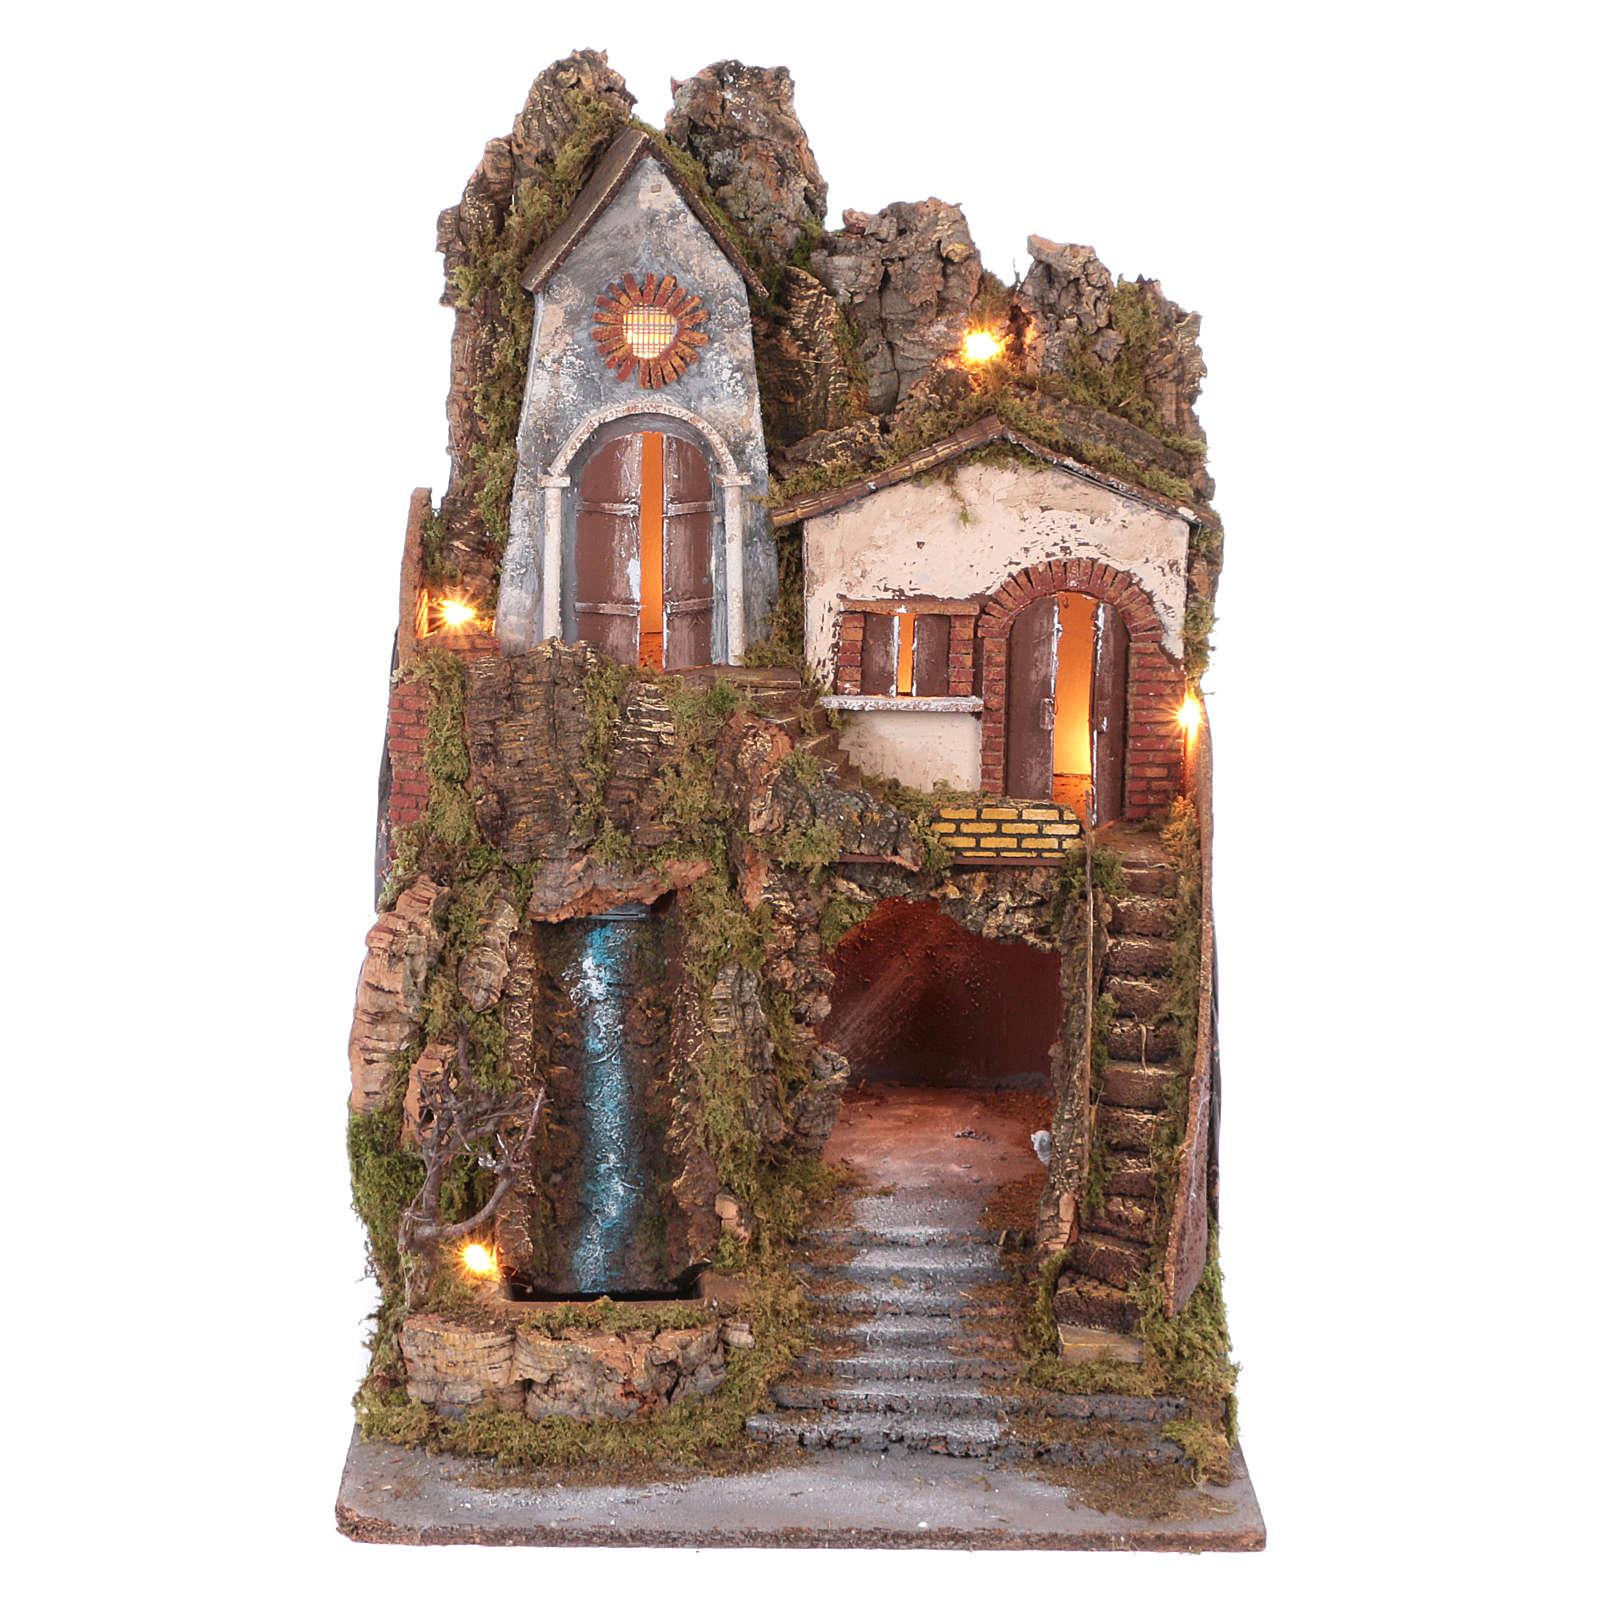 Cenário Presépio de Natal luzes e cachoeira 70x45x50 cm 4